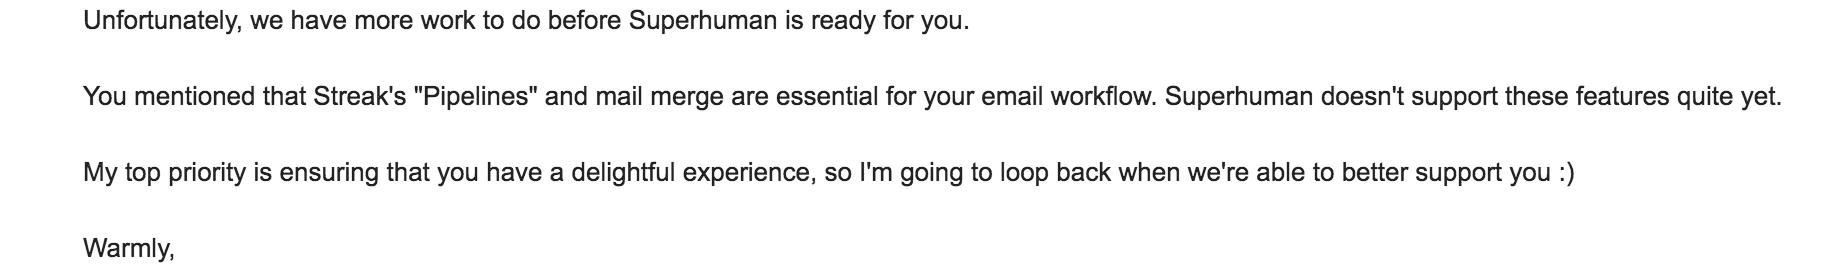 Superhuman Email Response